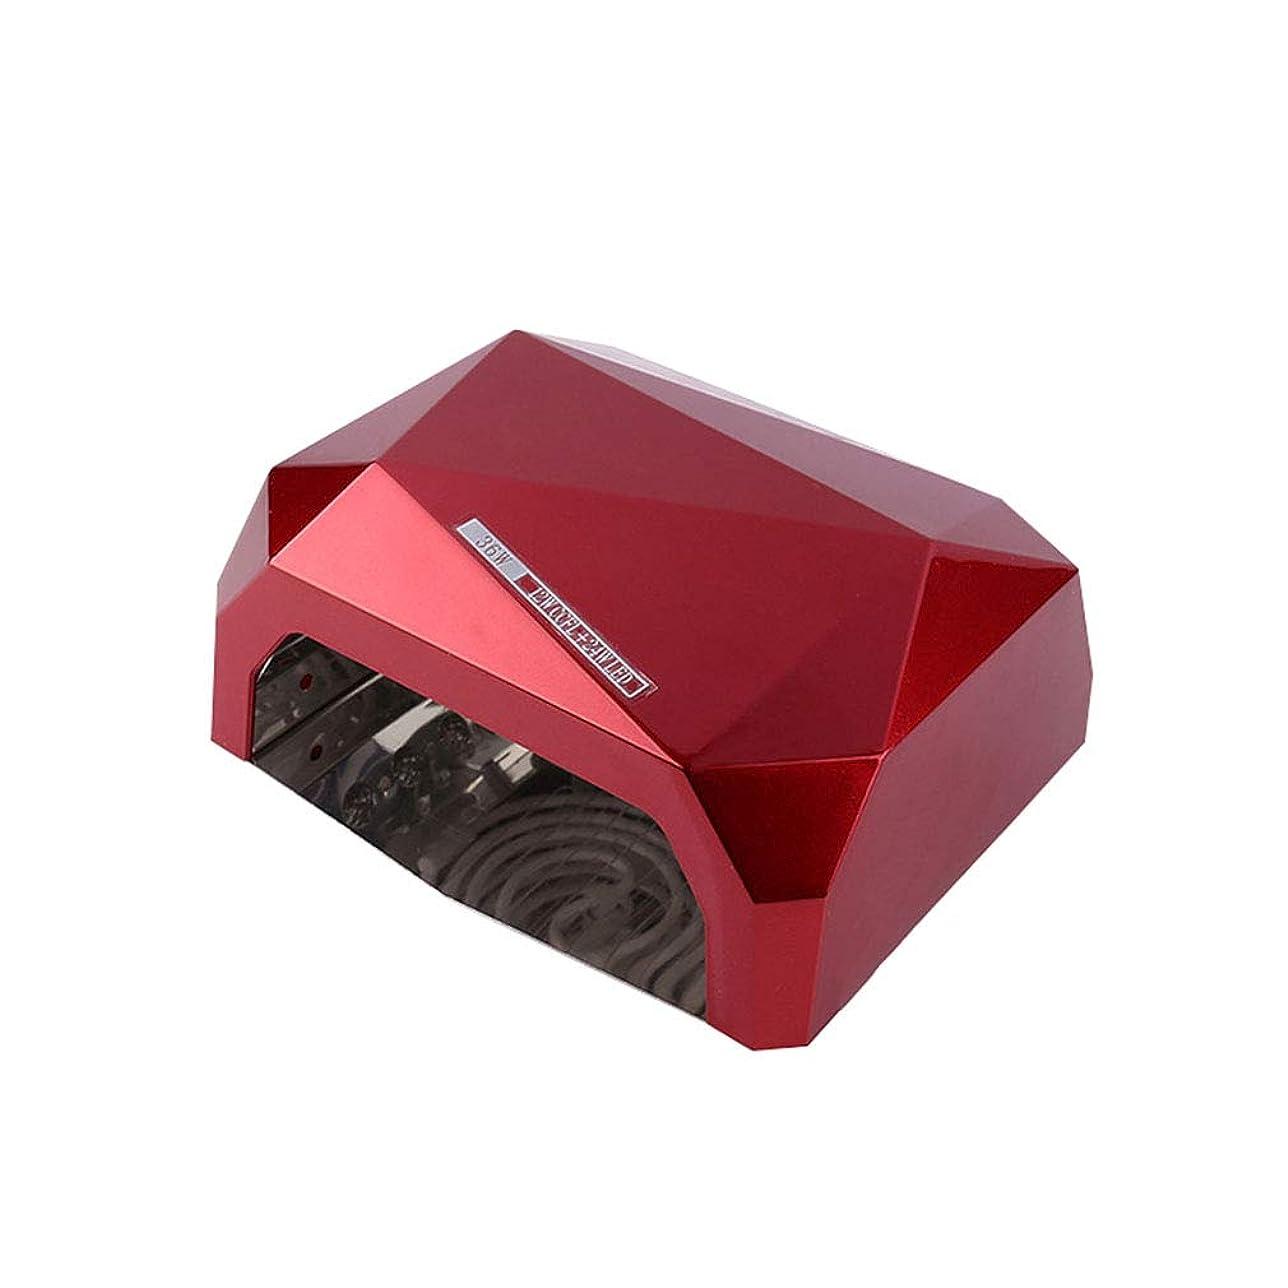 寄付するカリキュラムバイソン理性的なランプ機能、開いた設計、10s / 30s / 60s時間設定のゲルのマニキュアのシェラックのための36W紫外線/ LEDランプの釘のドライヤー